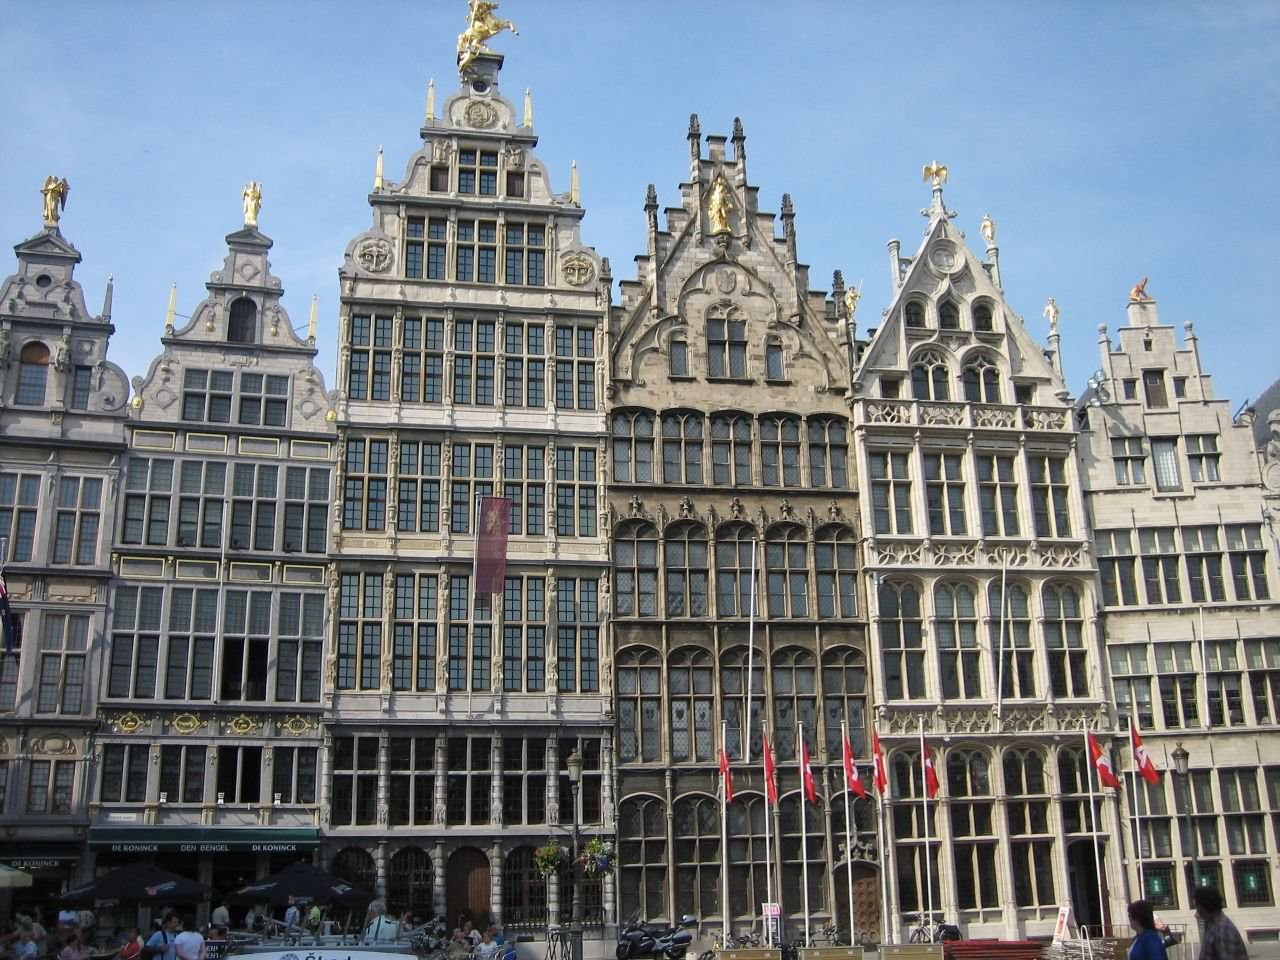 Antwerpen Pictures Photo Gallery Of Antwerpen High